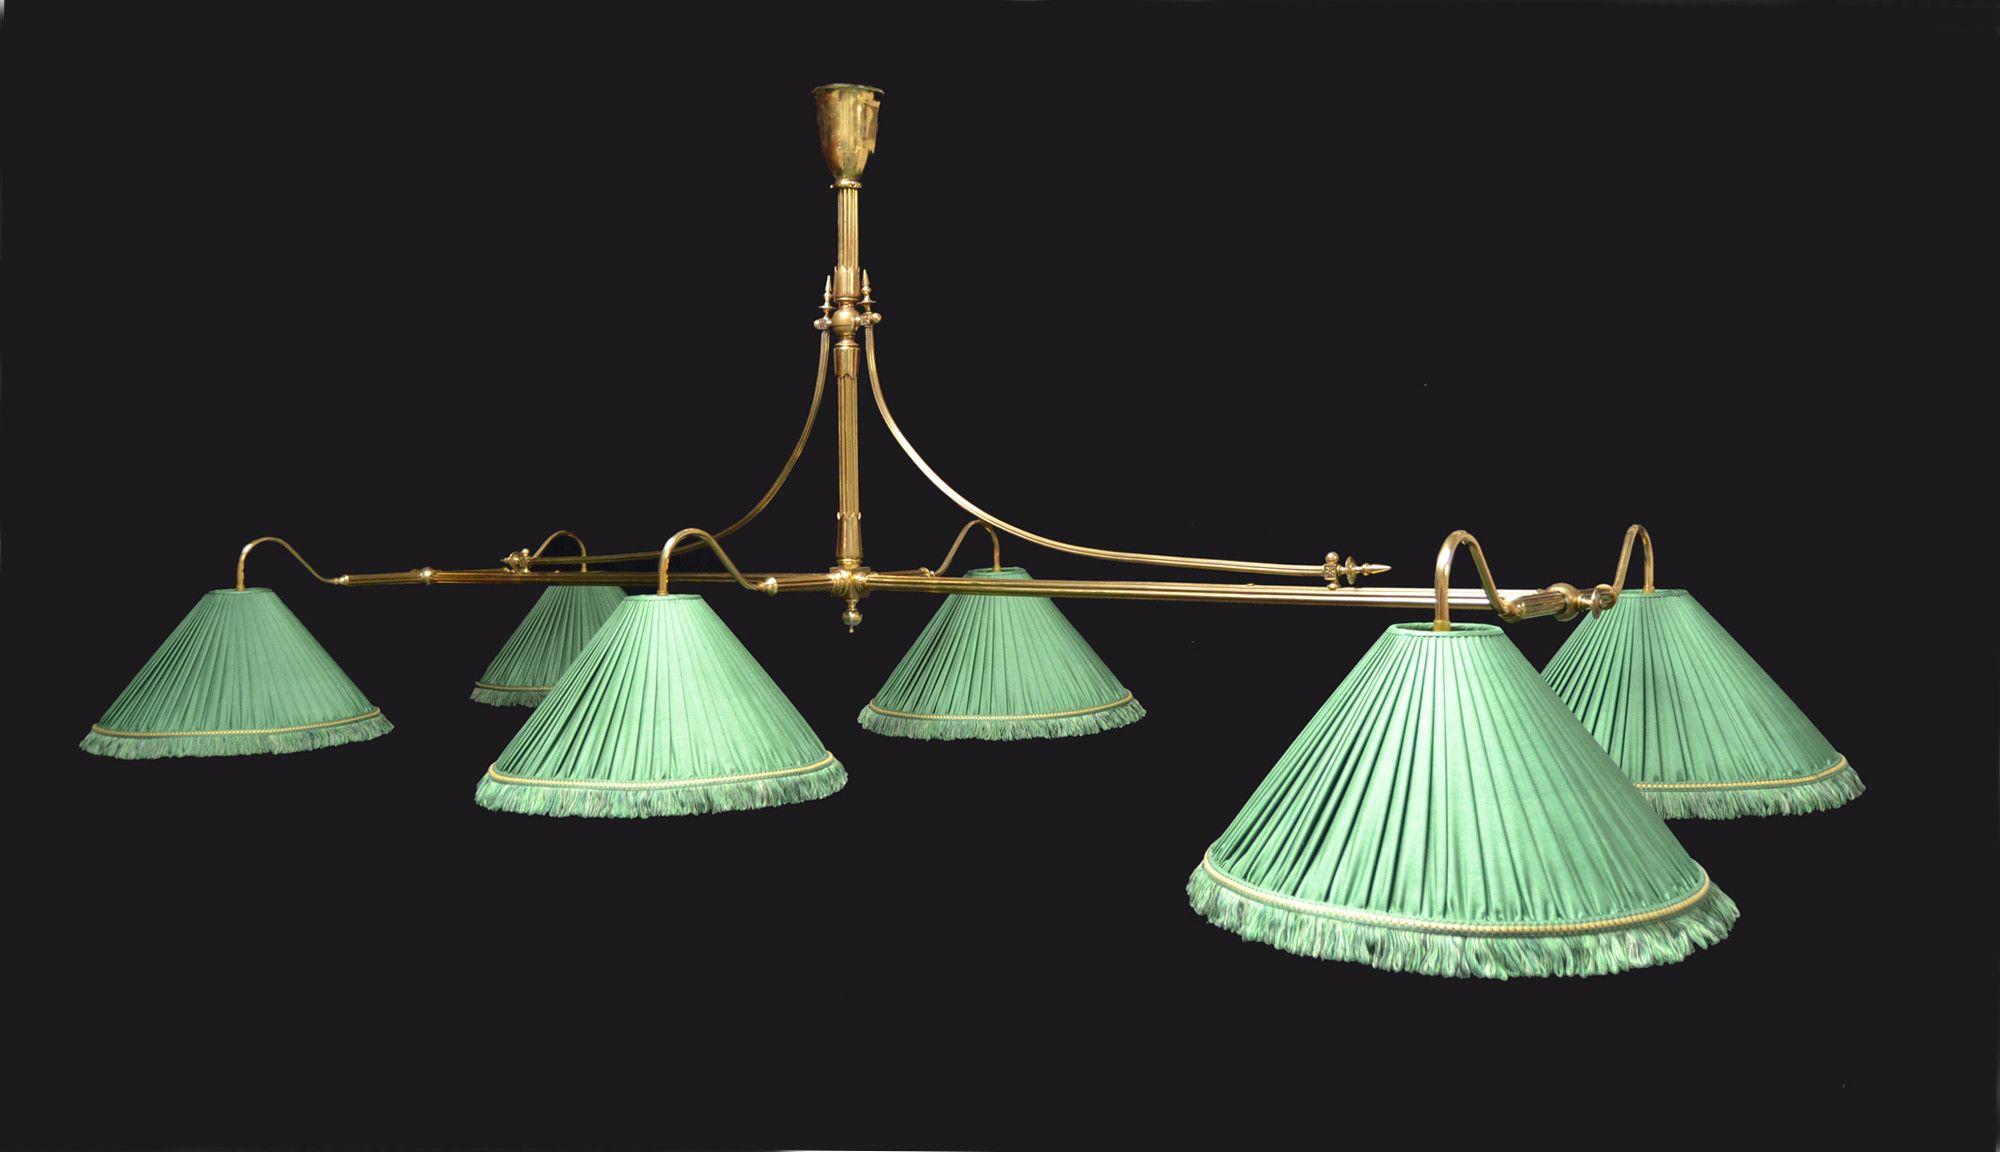 A Brass Framed Antique Billiard   Snooker Table Light   Billiard Room Ltd